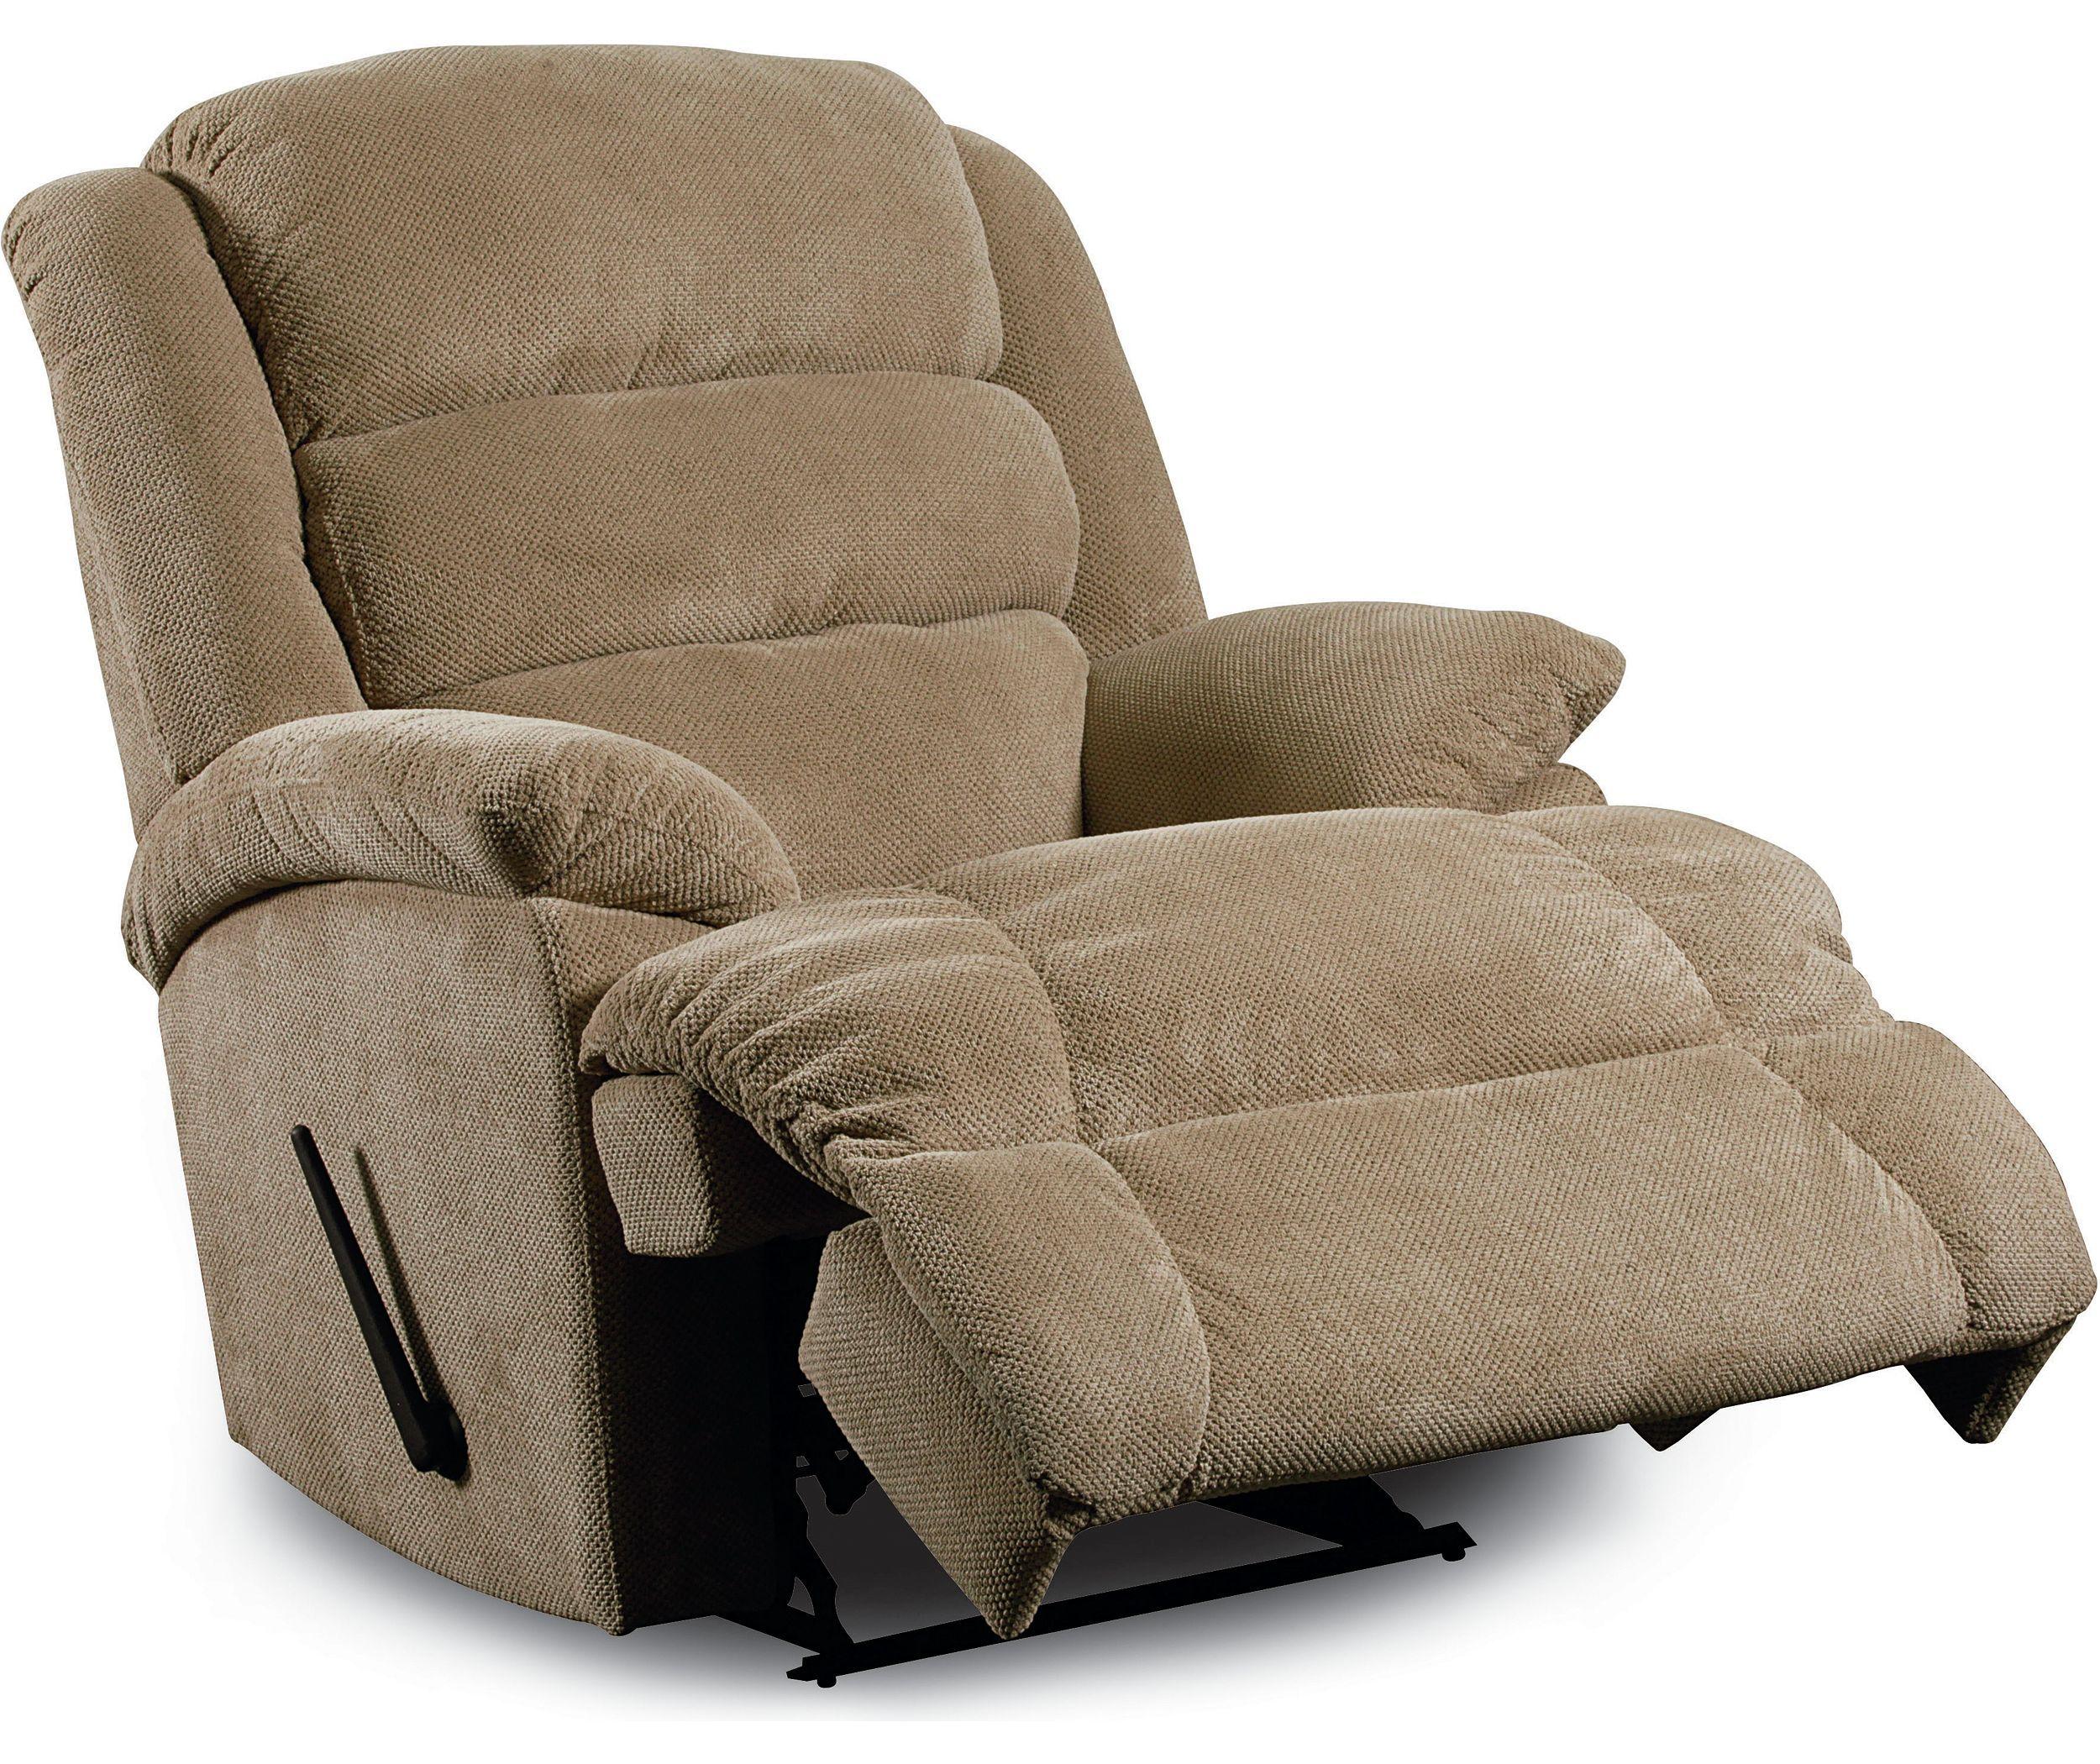 Knox Comfortking Wall Saver Recliner Sku 1418 Lane Furniture Recliner Furniture